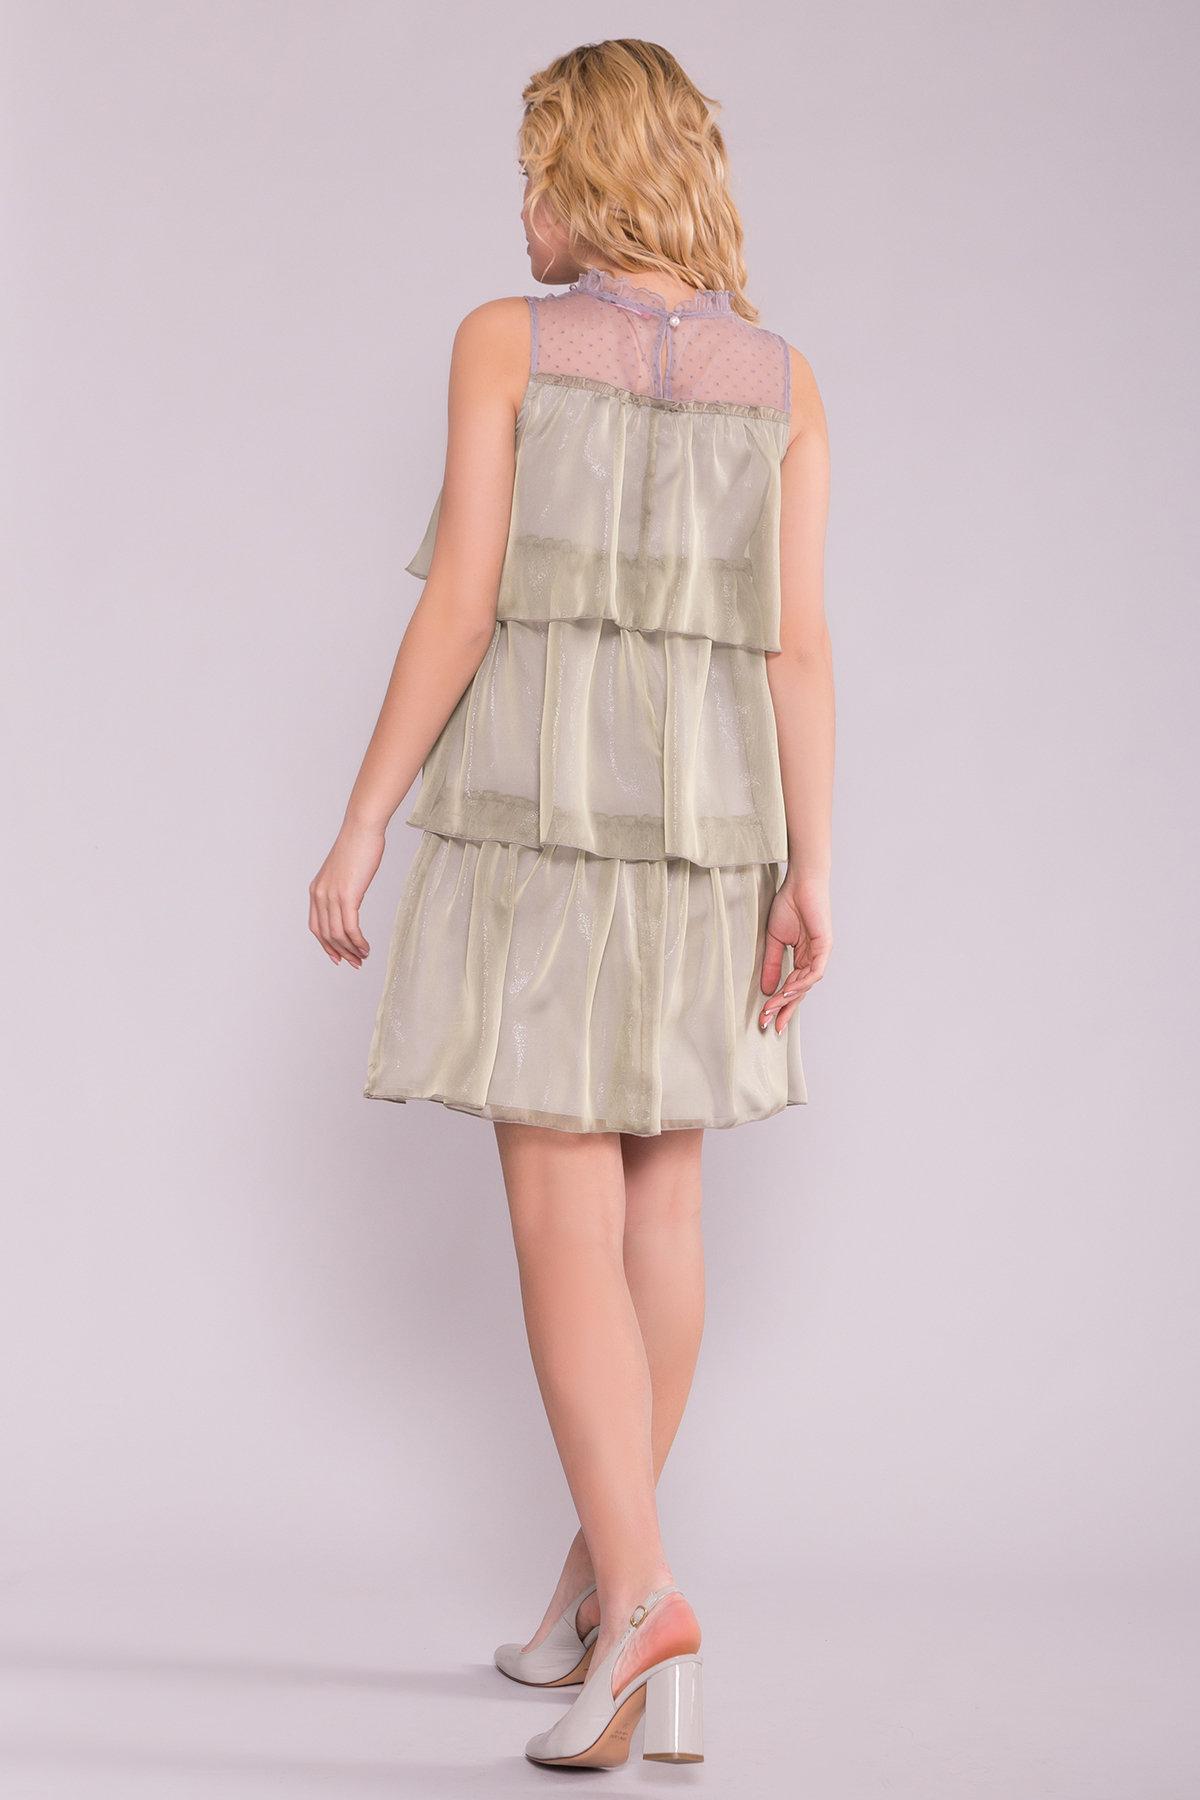 Перри платье из органзы 7067 АРТ. 42545 Цвет: Хаки - фото 3, интернет магазин tm-modus.ru